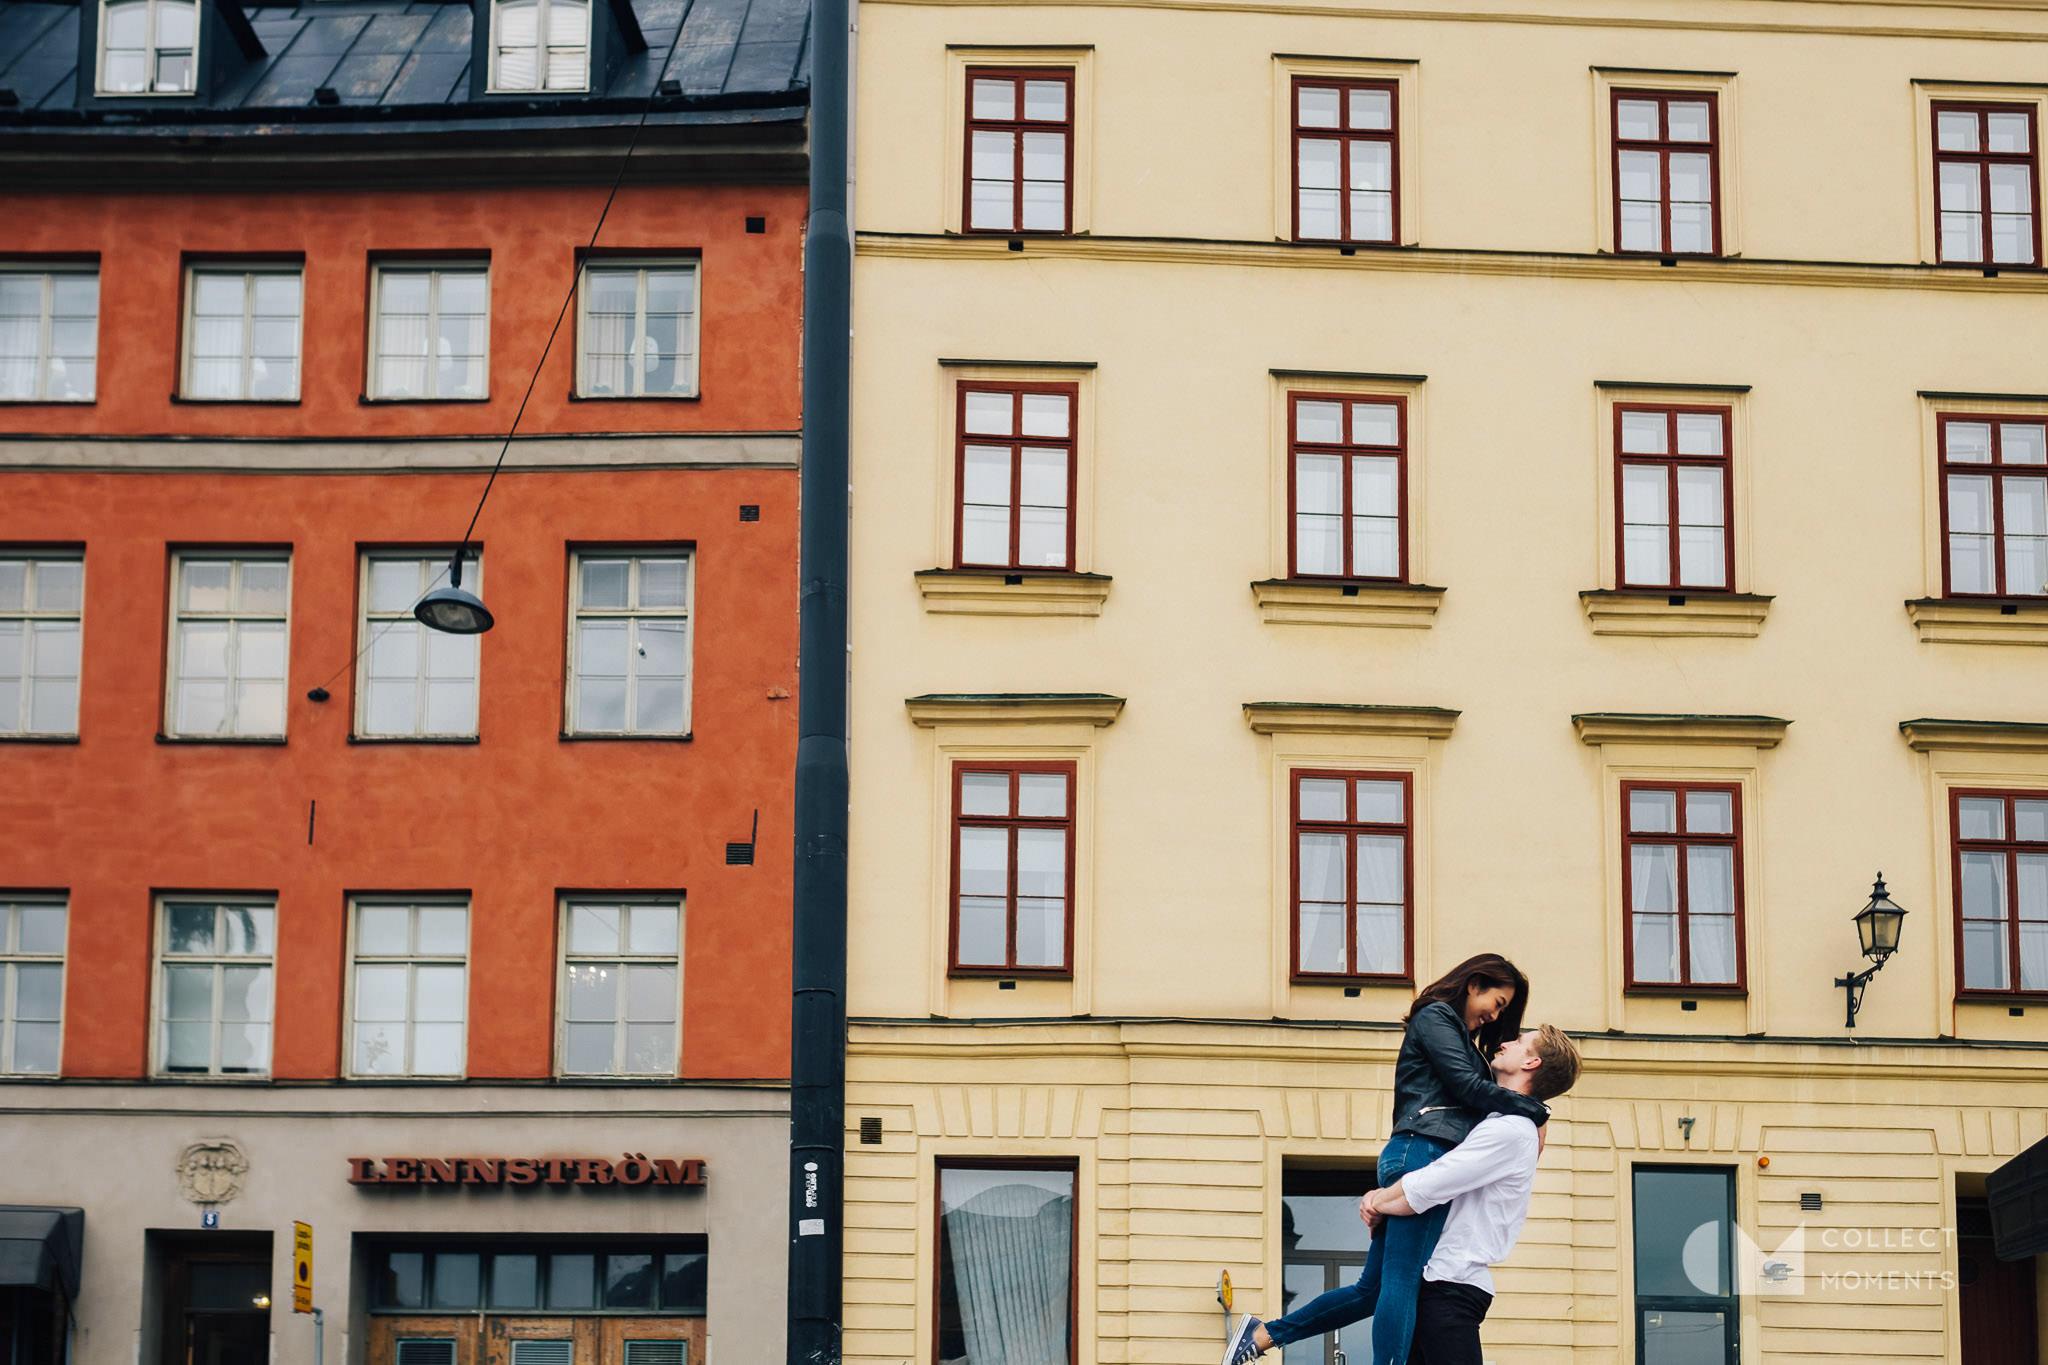 北欧の町並みをバックにエンゲージメントフォト撮影